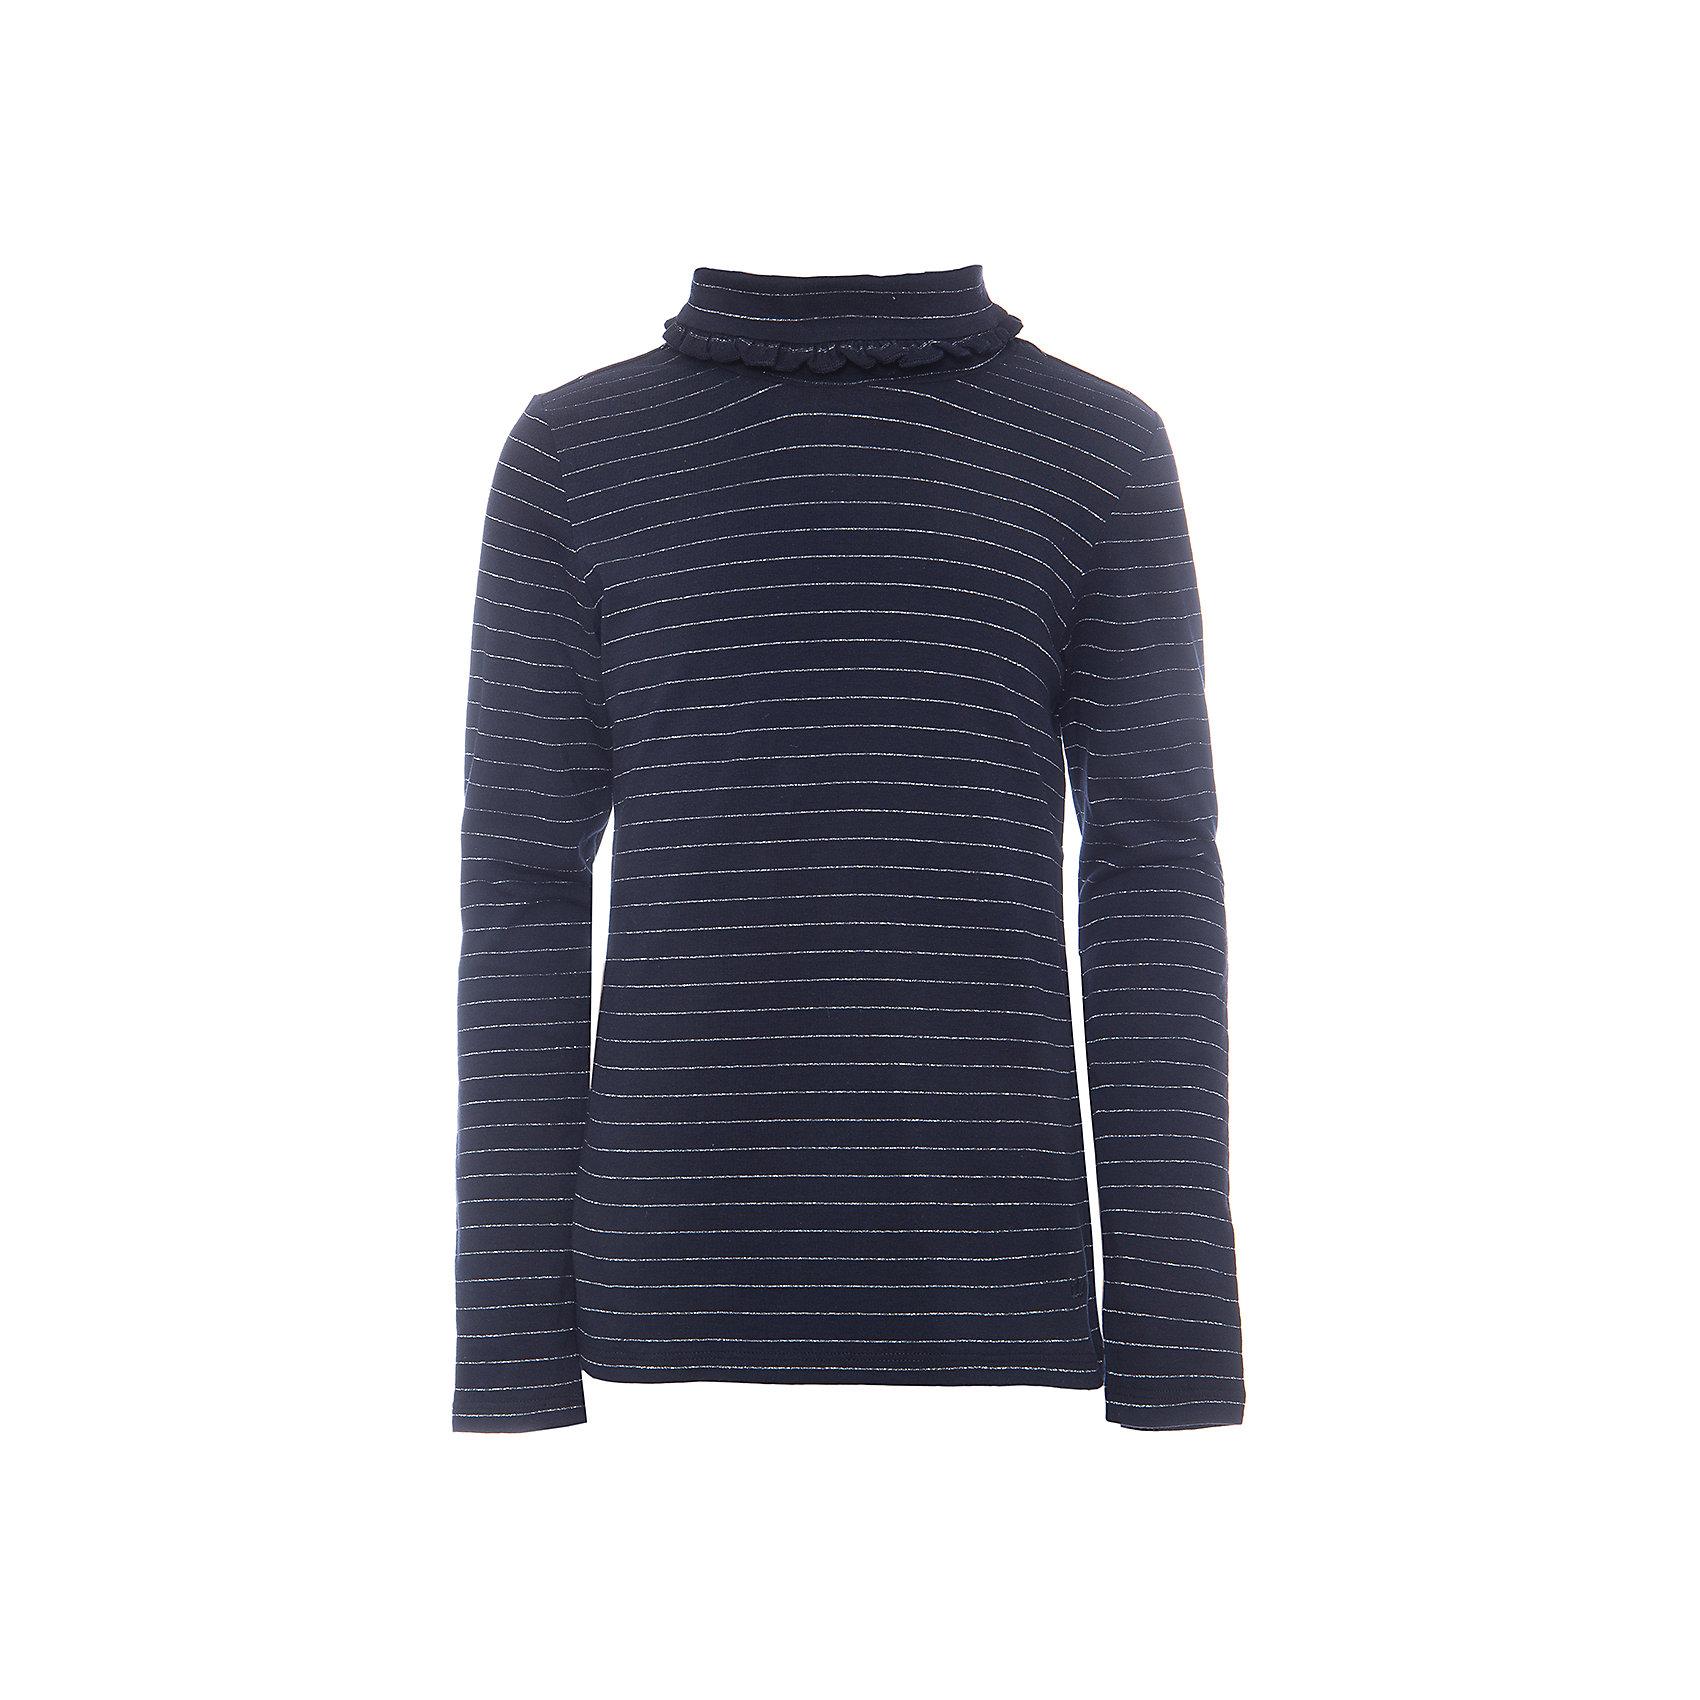 Водолазка для девочкиВодолазки<br>Водолазка для девочки из коллекции осень-зима 2016-2017 от известного бренда SELA. Удобный хлопковый джемпер на каждый день. Приятный темно-синий цвет в сочетании с темно-серыми полосочками и романтичным воротом придет по вкусу вашей моднице. Джемпер отлично подойдет к юбкам и брюкам, а также к джинсам.<br><br>Дополнительная информация:<br>- Рукав: длинный<br>- Силуэт: полуприлегающий<br>Состав: 95% хлопок 5% эластан<br><br>Джемпер для девочек Sela можно купить в нашем интернет-магазине.<br><br>Подробнее:<br>• Для детей в возрасте: от 6 до12 лет<br>• Номер товара: 4913497<br>Страна производитель: Китай<br><br>Ширина мм: 190<br>Глубина мм: 74<br>Высота мм: 229<br>Вес г: 236<br>Цвет: синий<br>Возраст от месяцев: 132<br>Возраст до месяцев: 144<br>Пол: Женский<br>Возраст: Детский<br>Размер: 152,128,122,146,134,140,116<br>SKU: 4913496